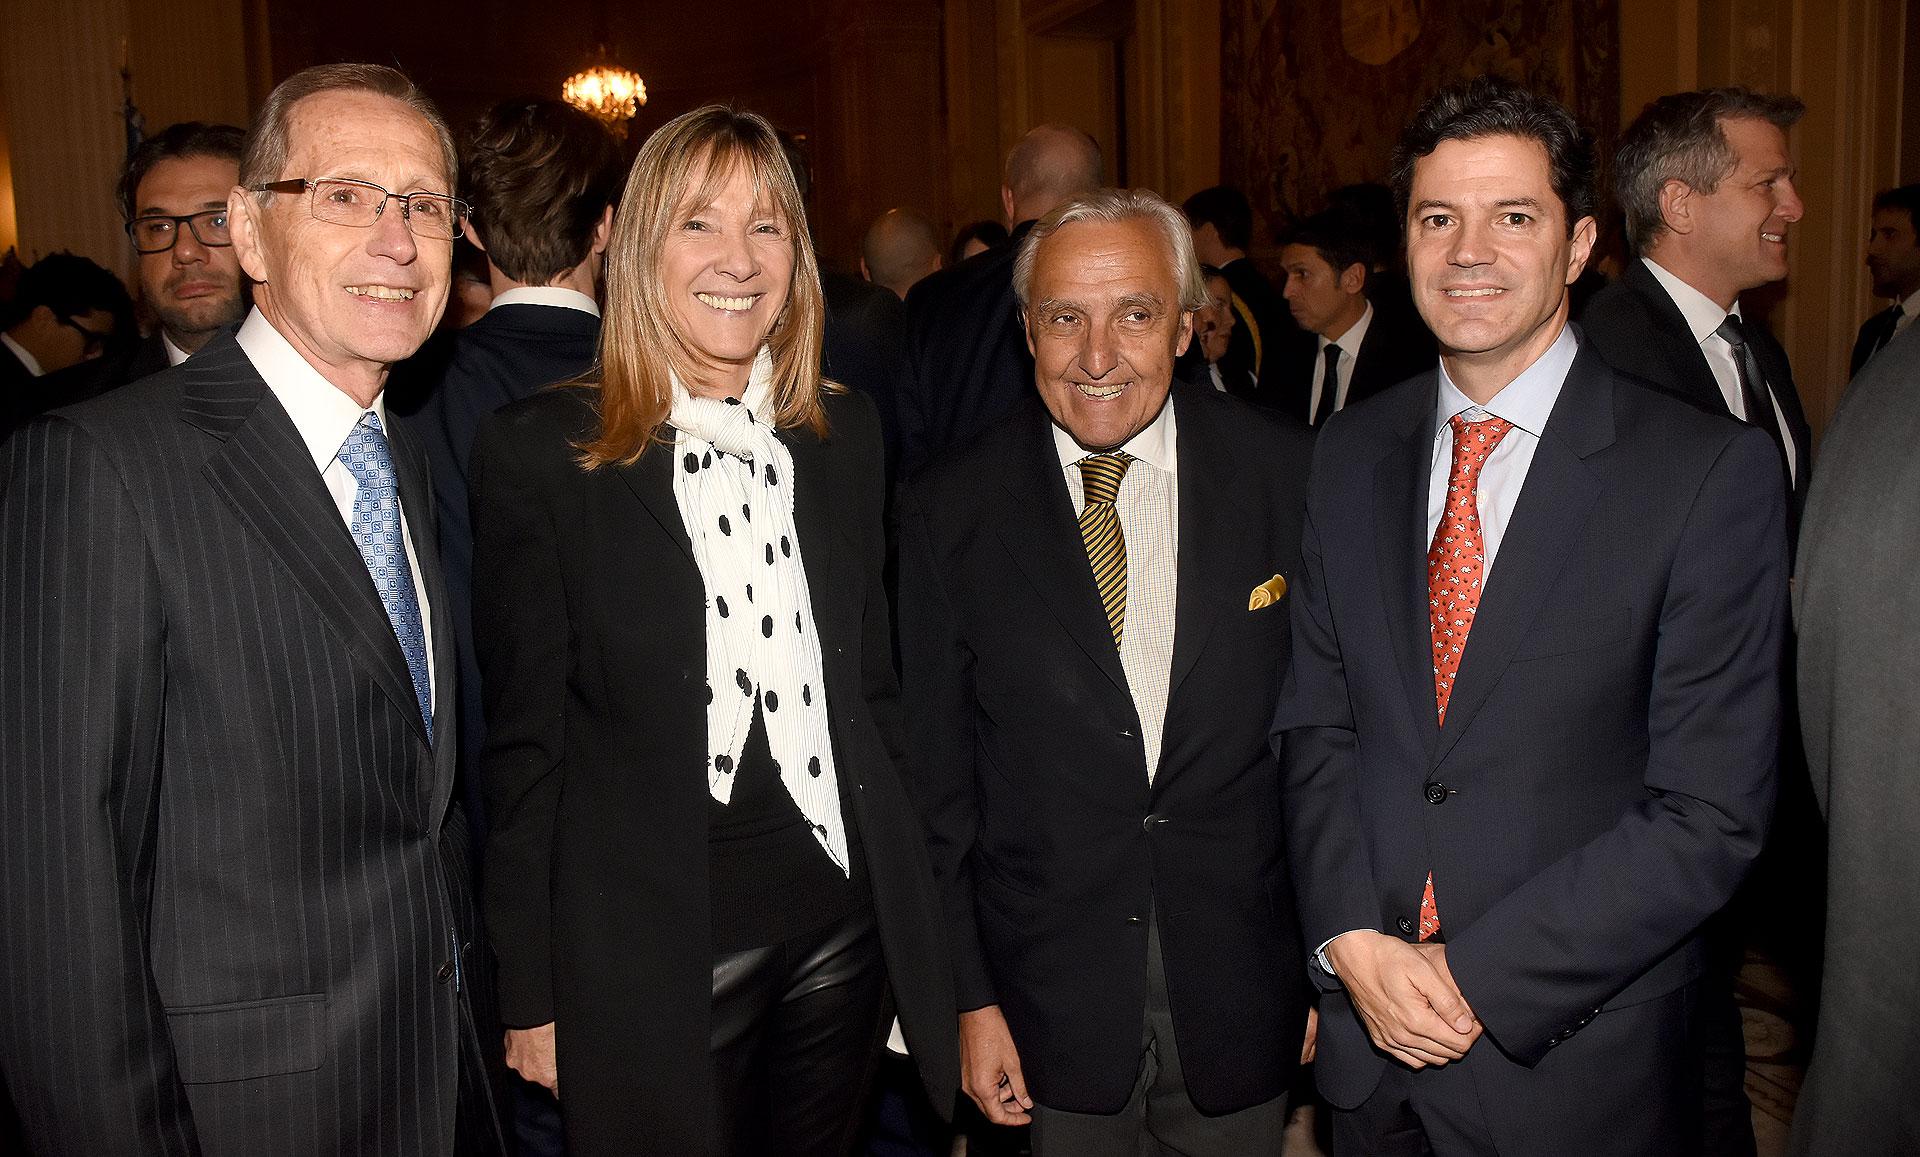 El presidente del CARI, Adalberto Rodríguez Giavarini, junto al analista político, Rosendo Fraga, y al presidente de la Comisión de Presupuesto y Hacienda de la Cámara de Diputados, Luciano Laspina